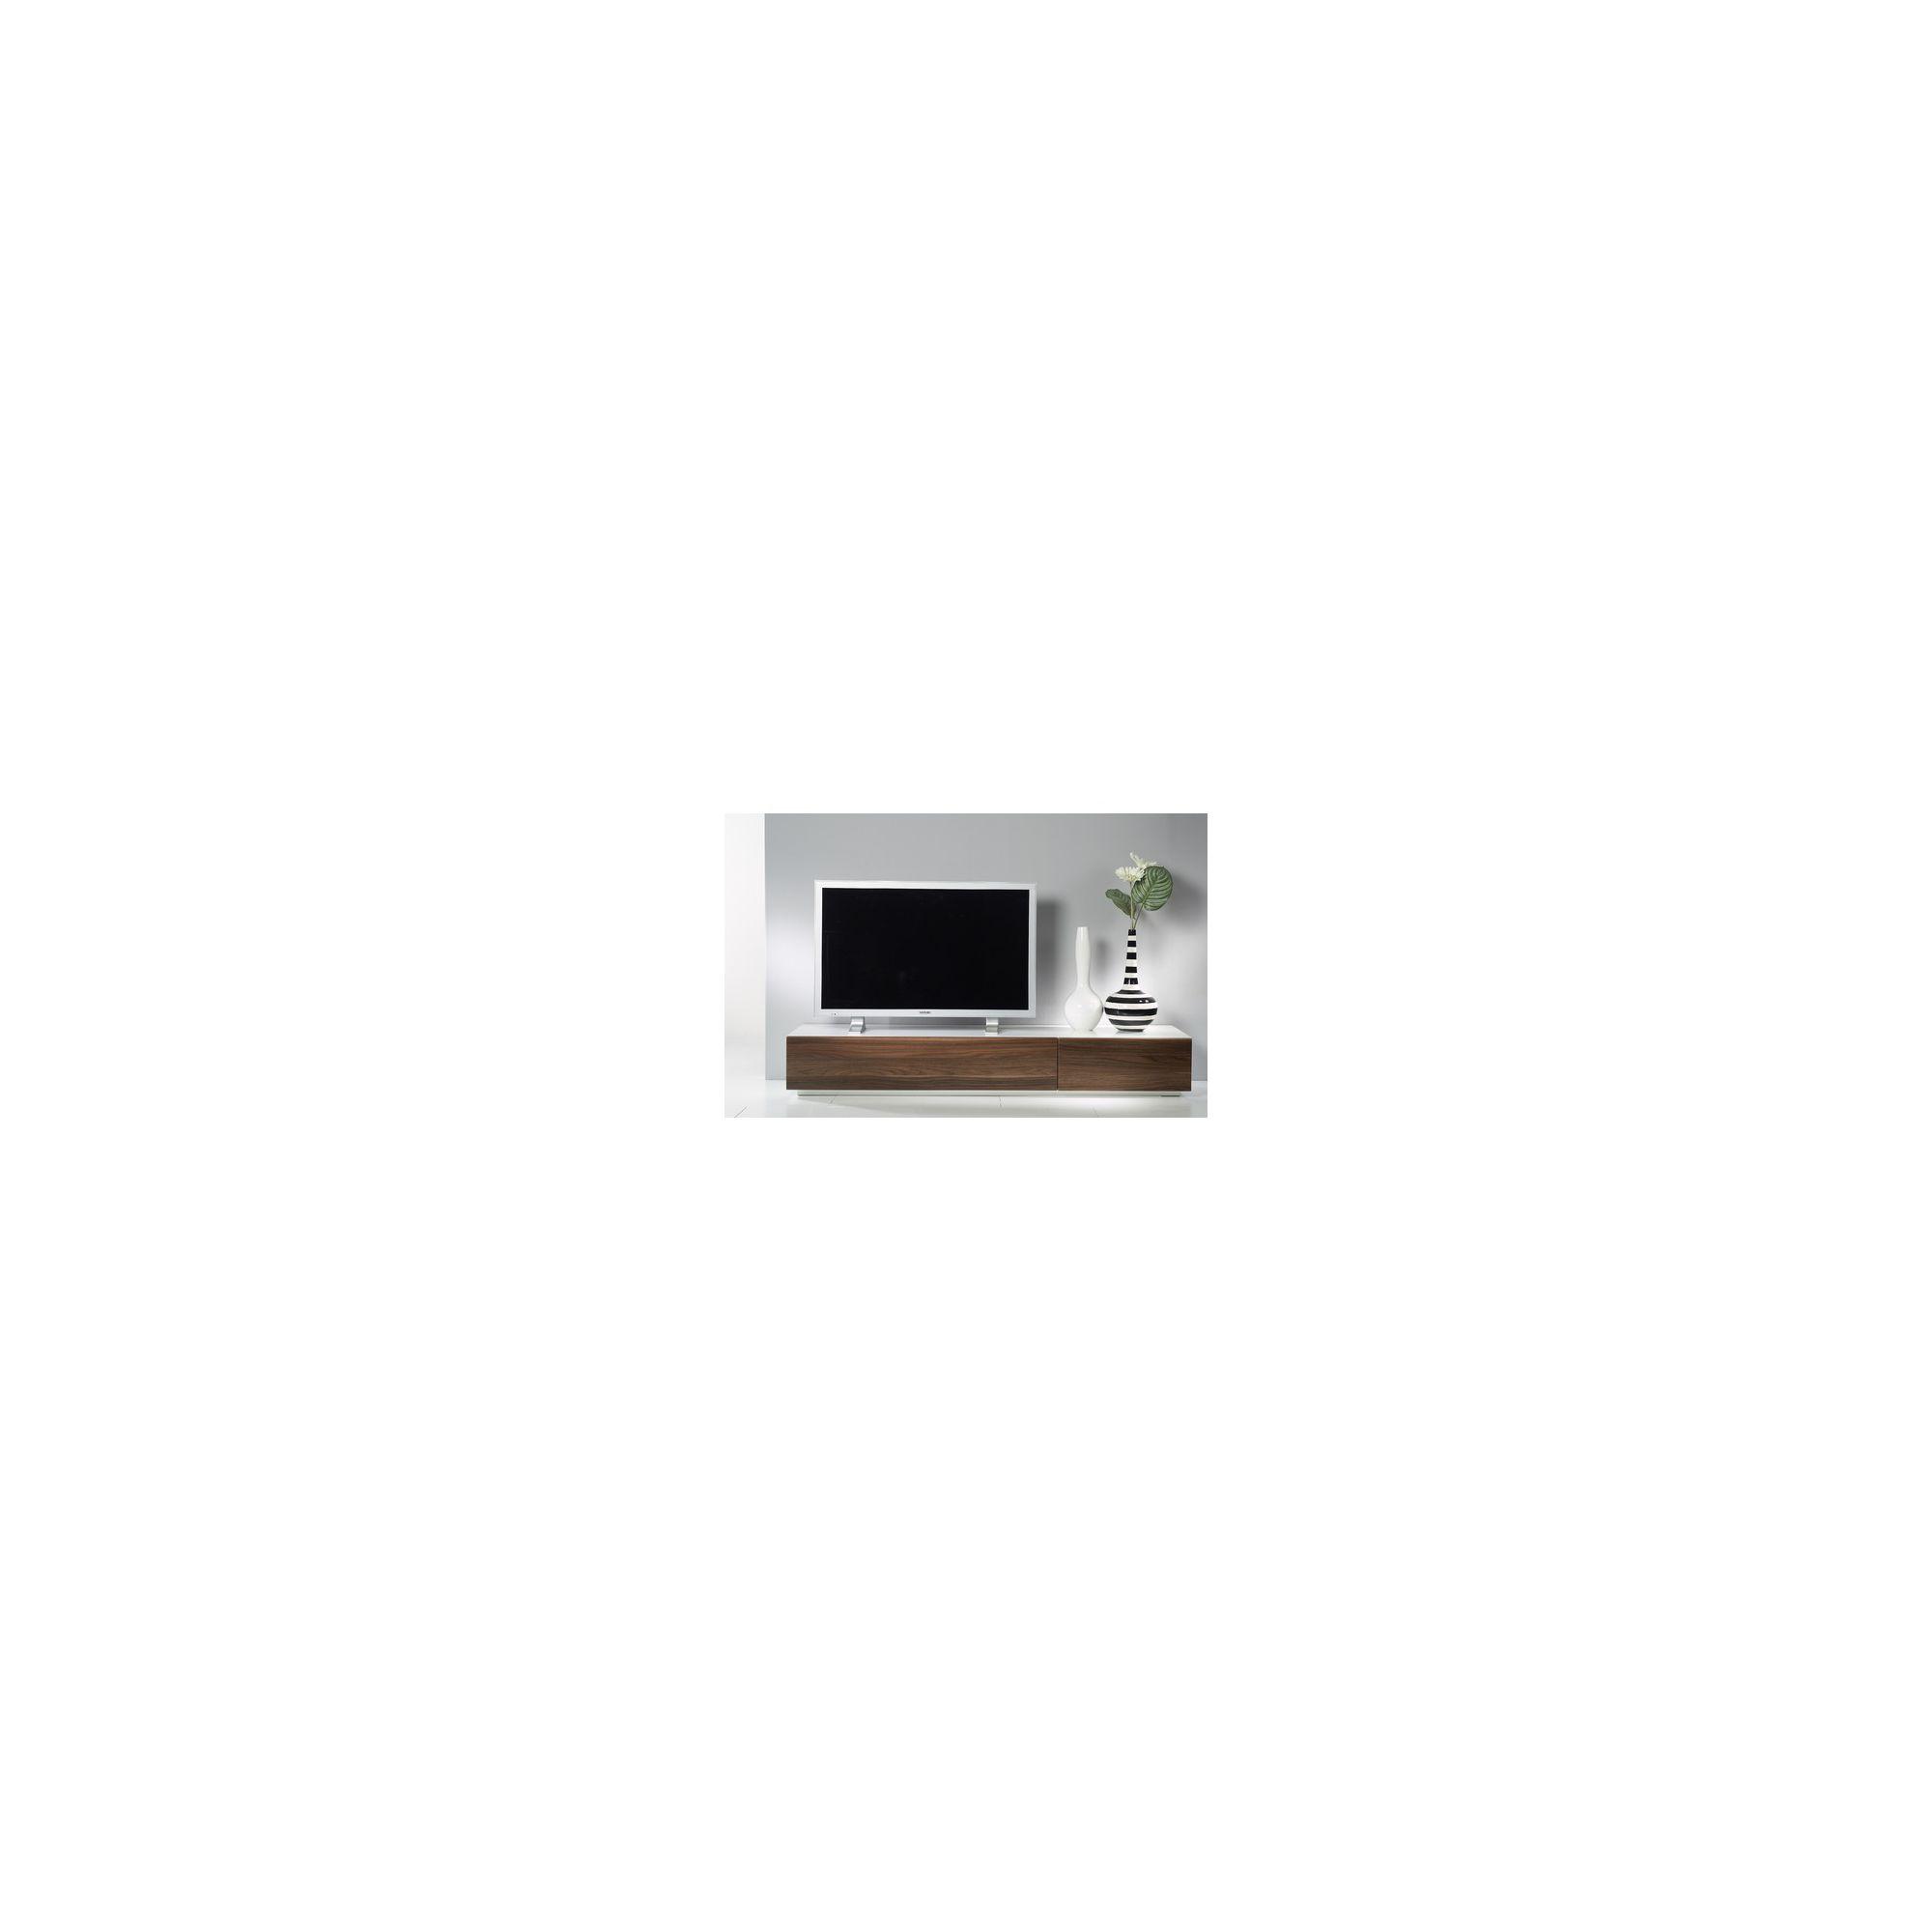 Tvilum Monaco TV Stand Combination 44 - Dark Walnut / High Gloss White at Tesco Direct